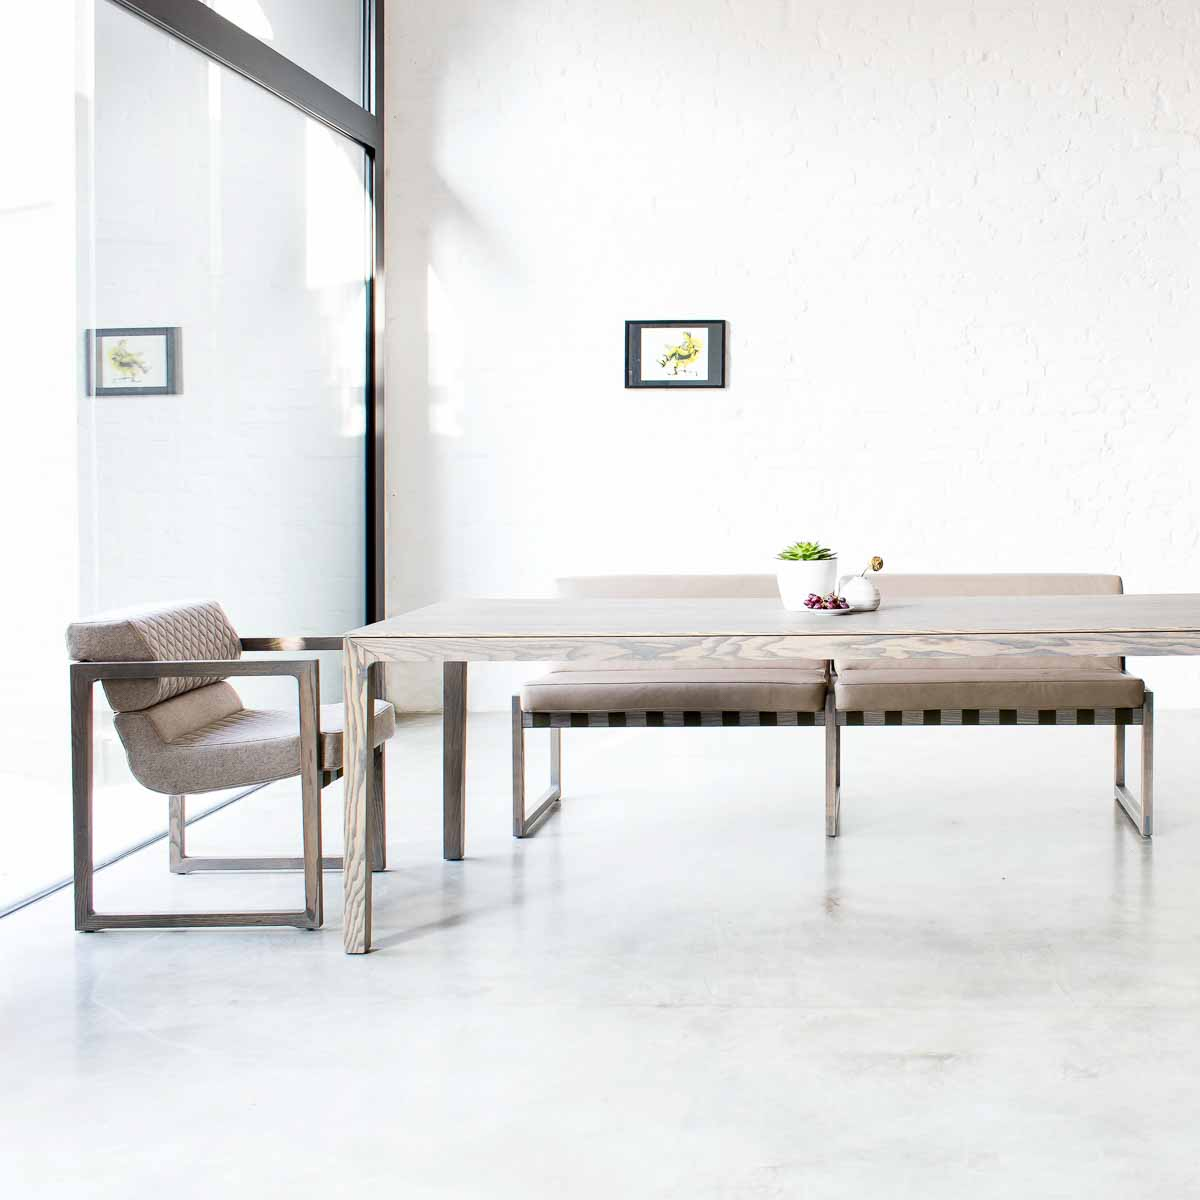 tische online cheap bauhaus tische best of bauhaus tische online kaufen u hublery with tische. Black Bedroom Furniture Sets. Home Design Ideas